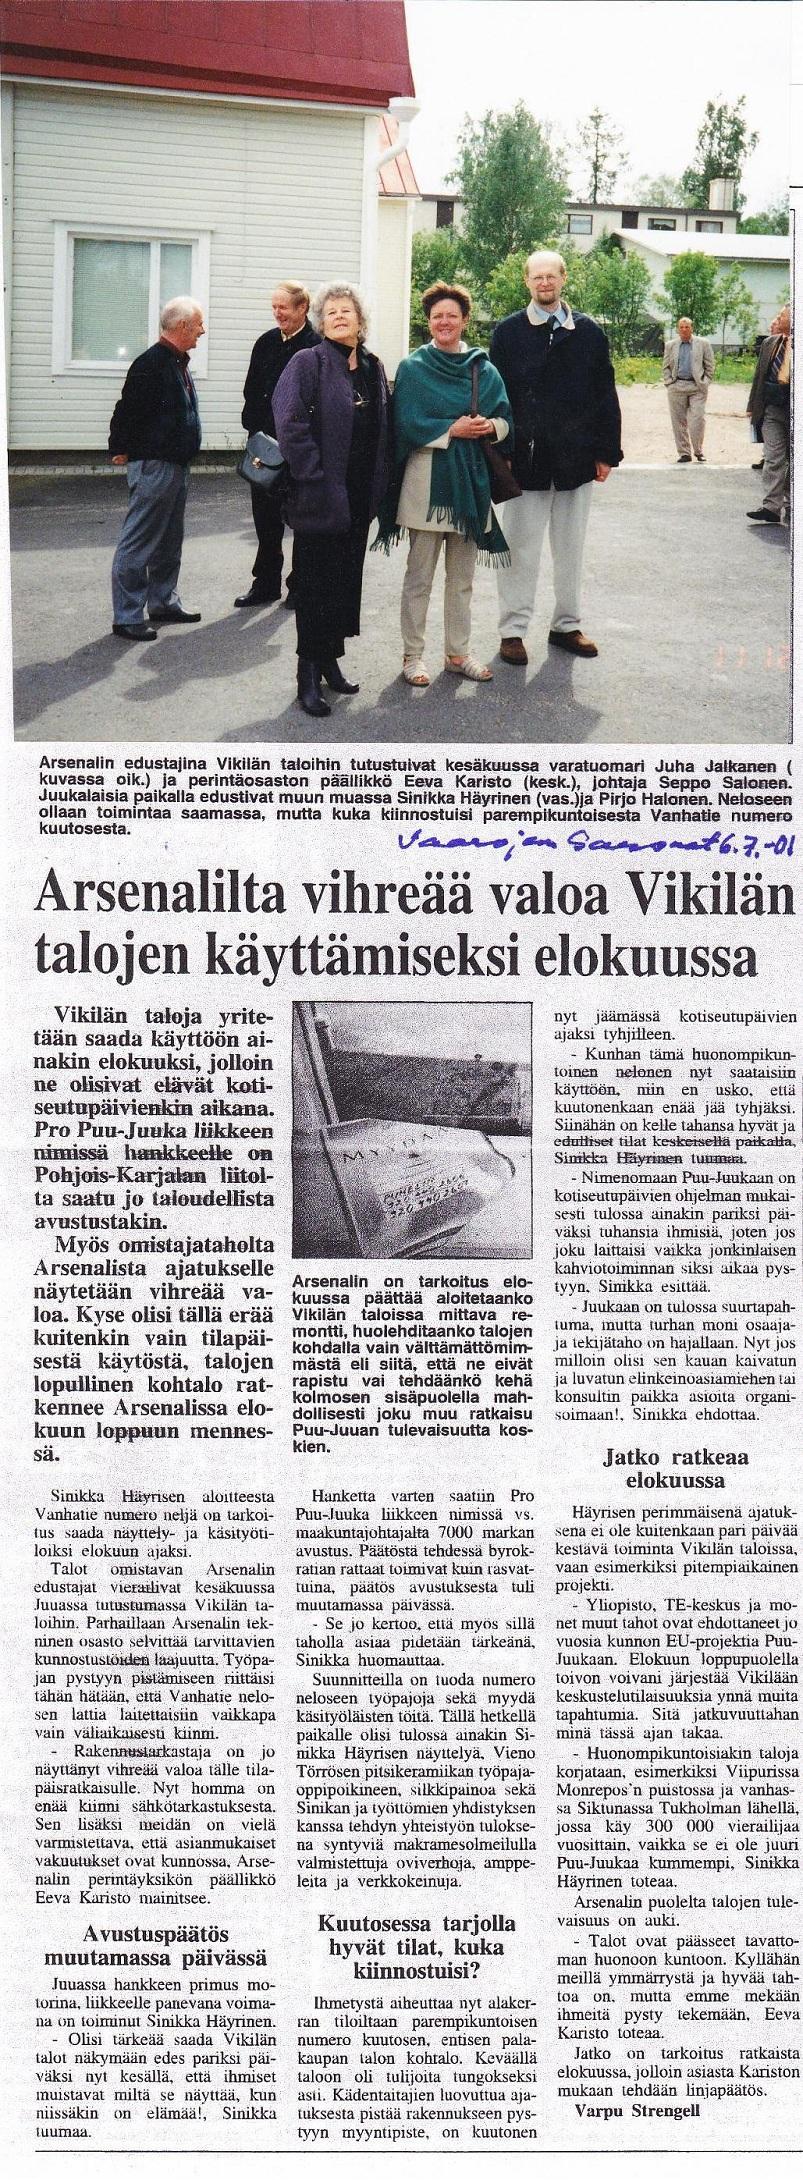 Puu-Juuka / Karjalainen